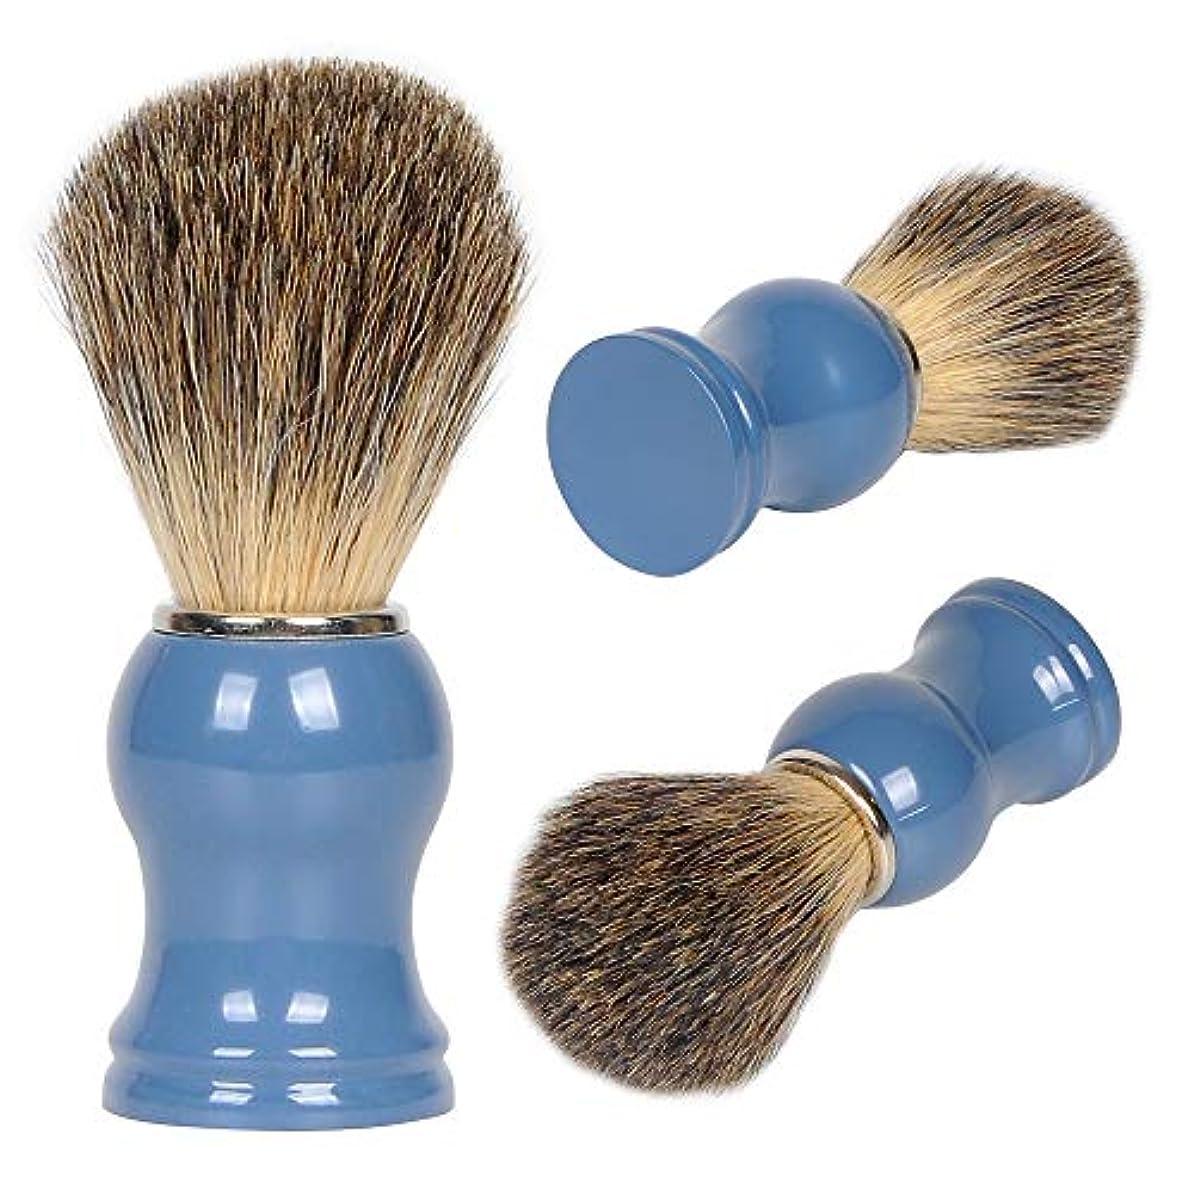 カナダ高める提案1by1 ひげブラシ シェービングブラシセット シェービング石鹸ボウル 理容 髭剃り 泡立ち 洗顔ブラシ メンズ 100% アナグマ毛(2点セット ブルー)